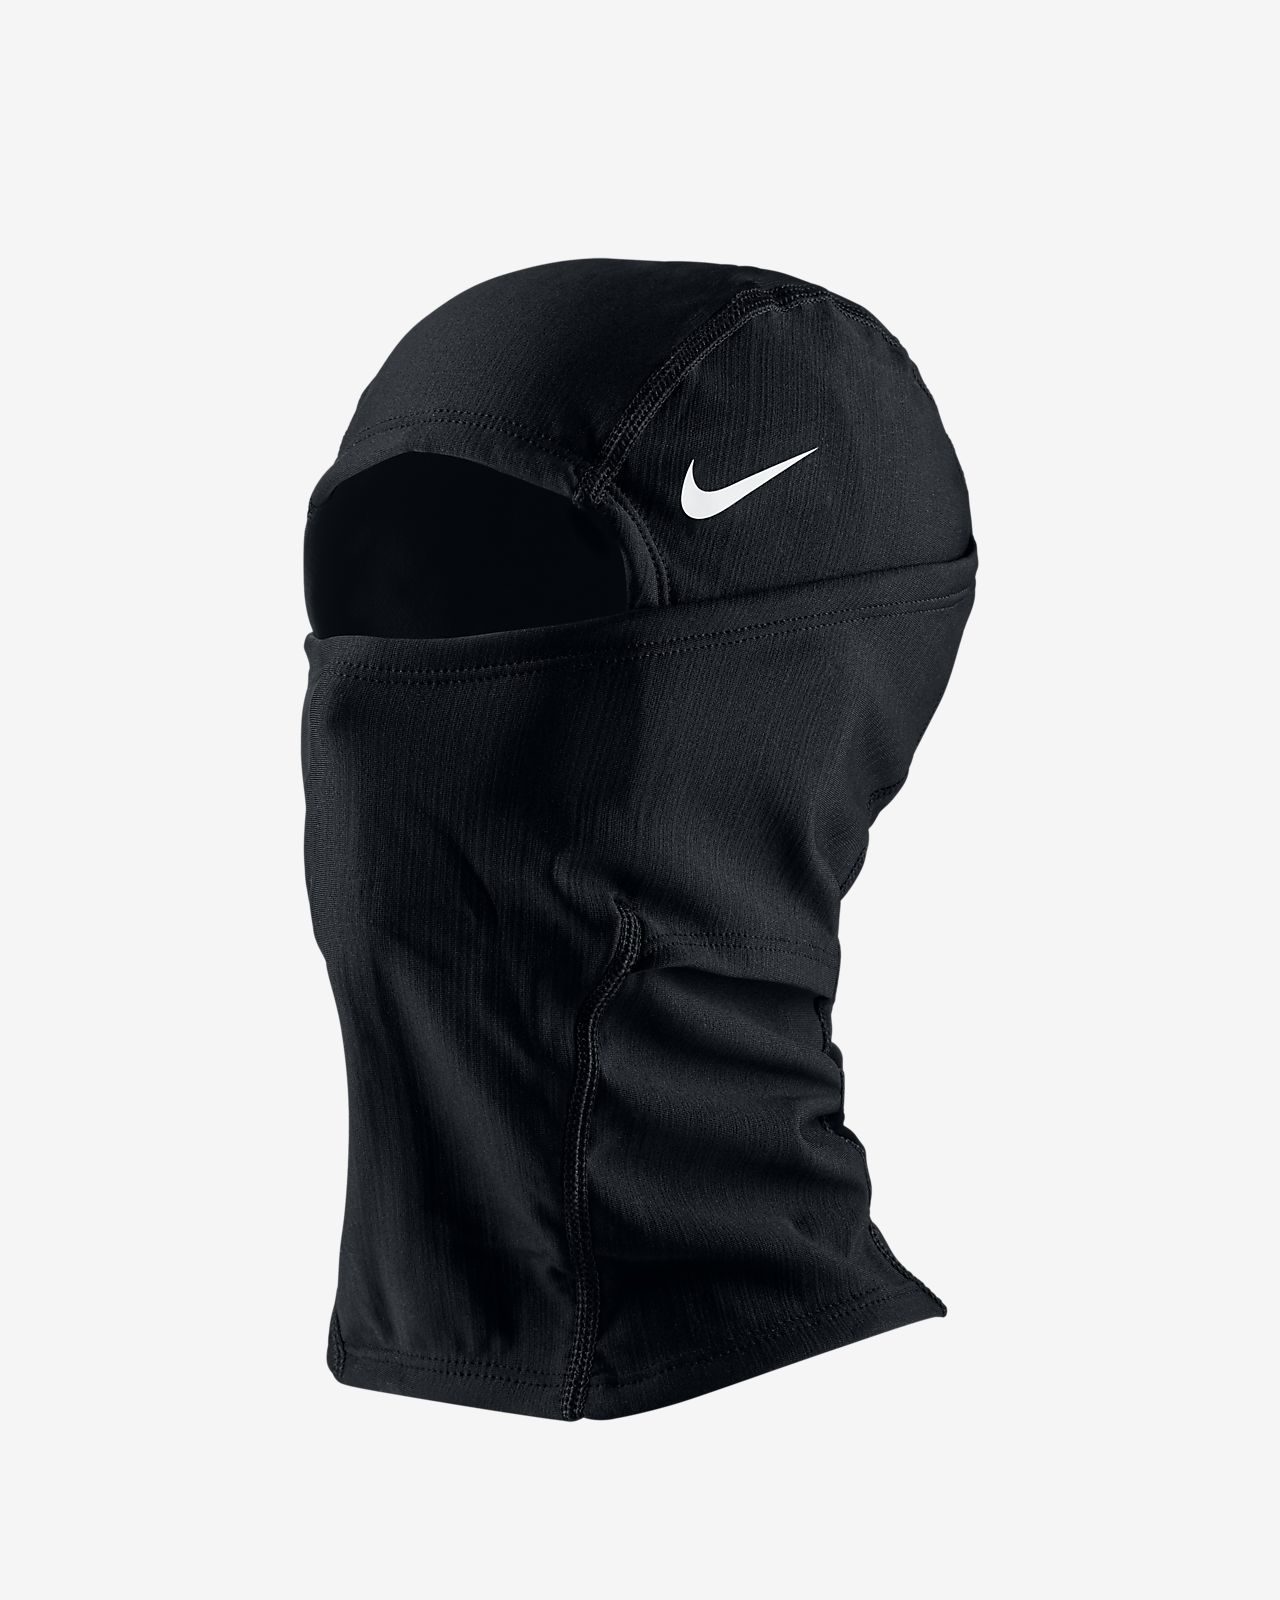 nike neck warmer soccer